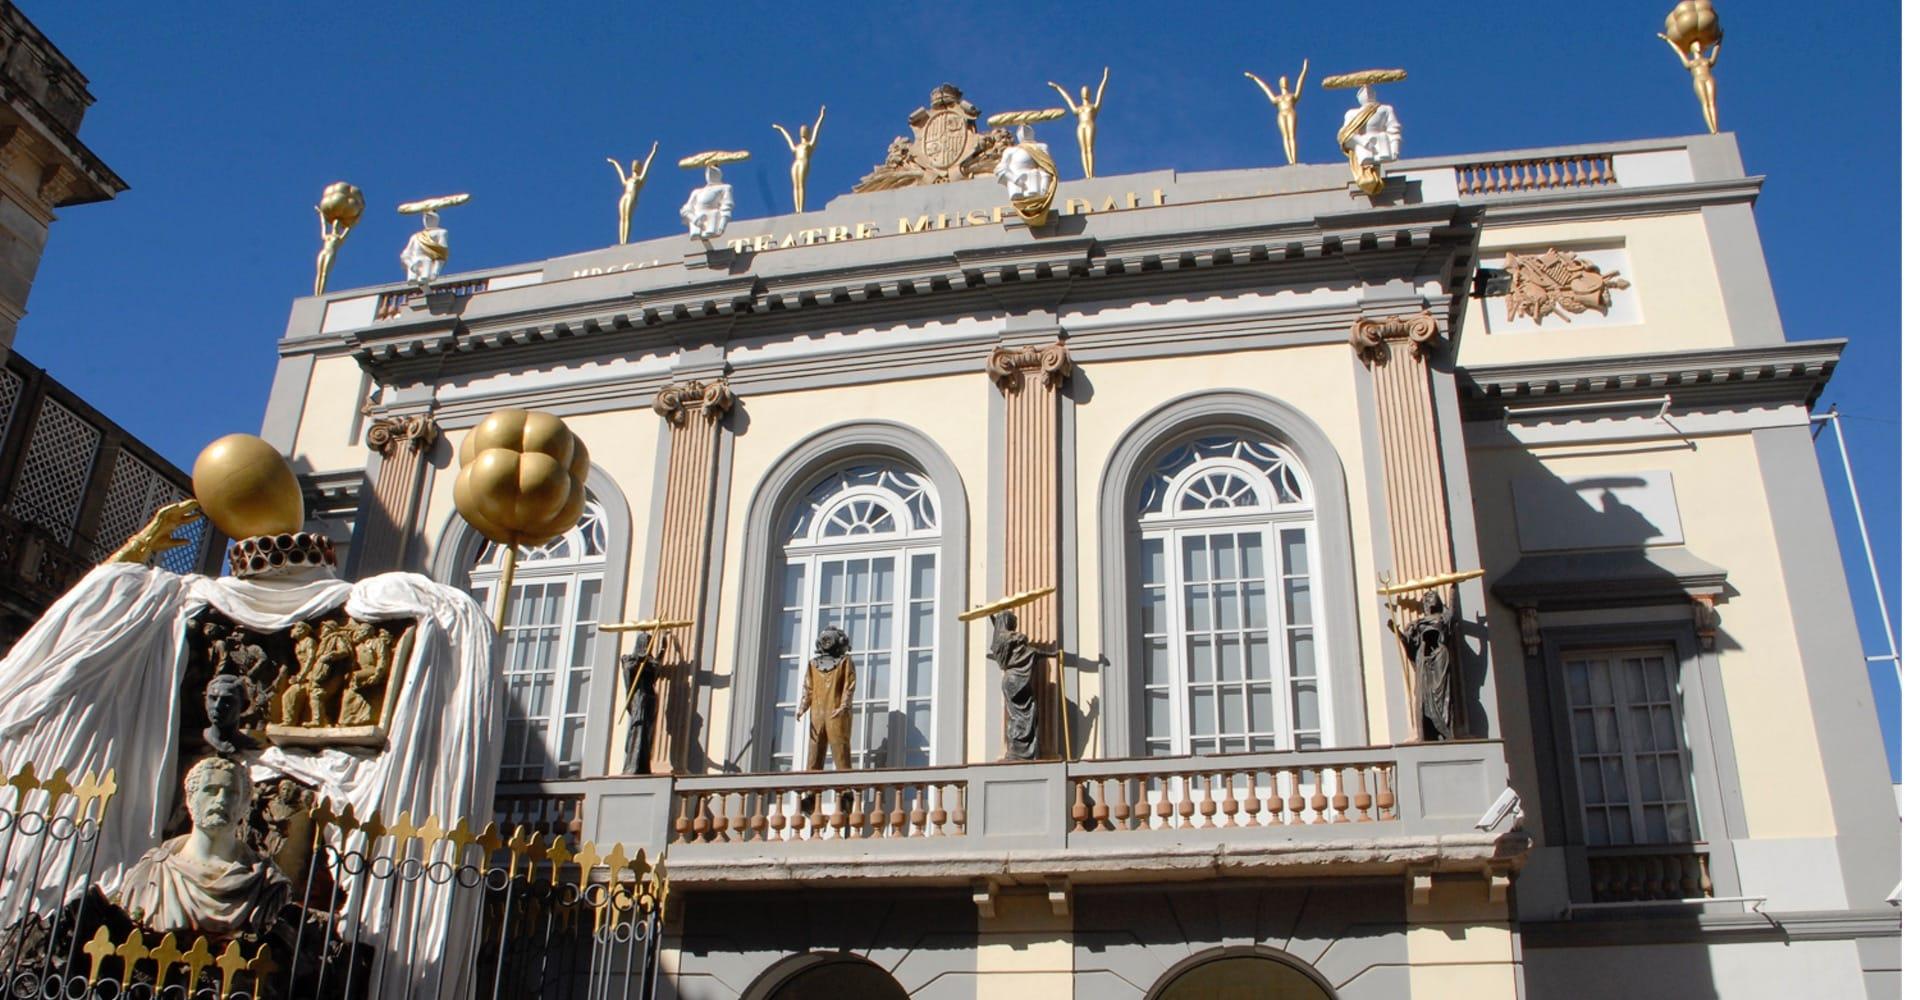 Theater-Museum Dali in Figueres,  © Imágenes cortesía Fundació Gala-Salvador Dalí, Figueres, 2013